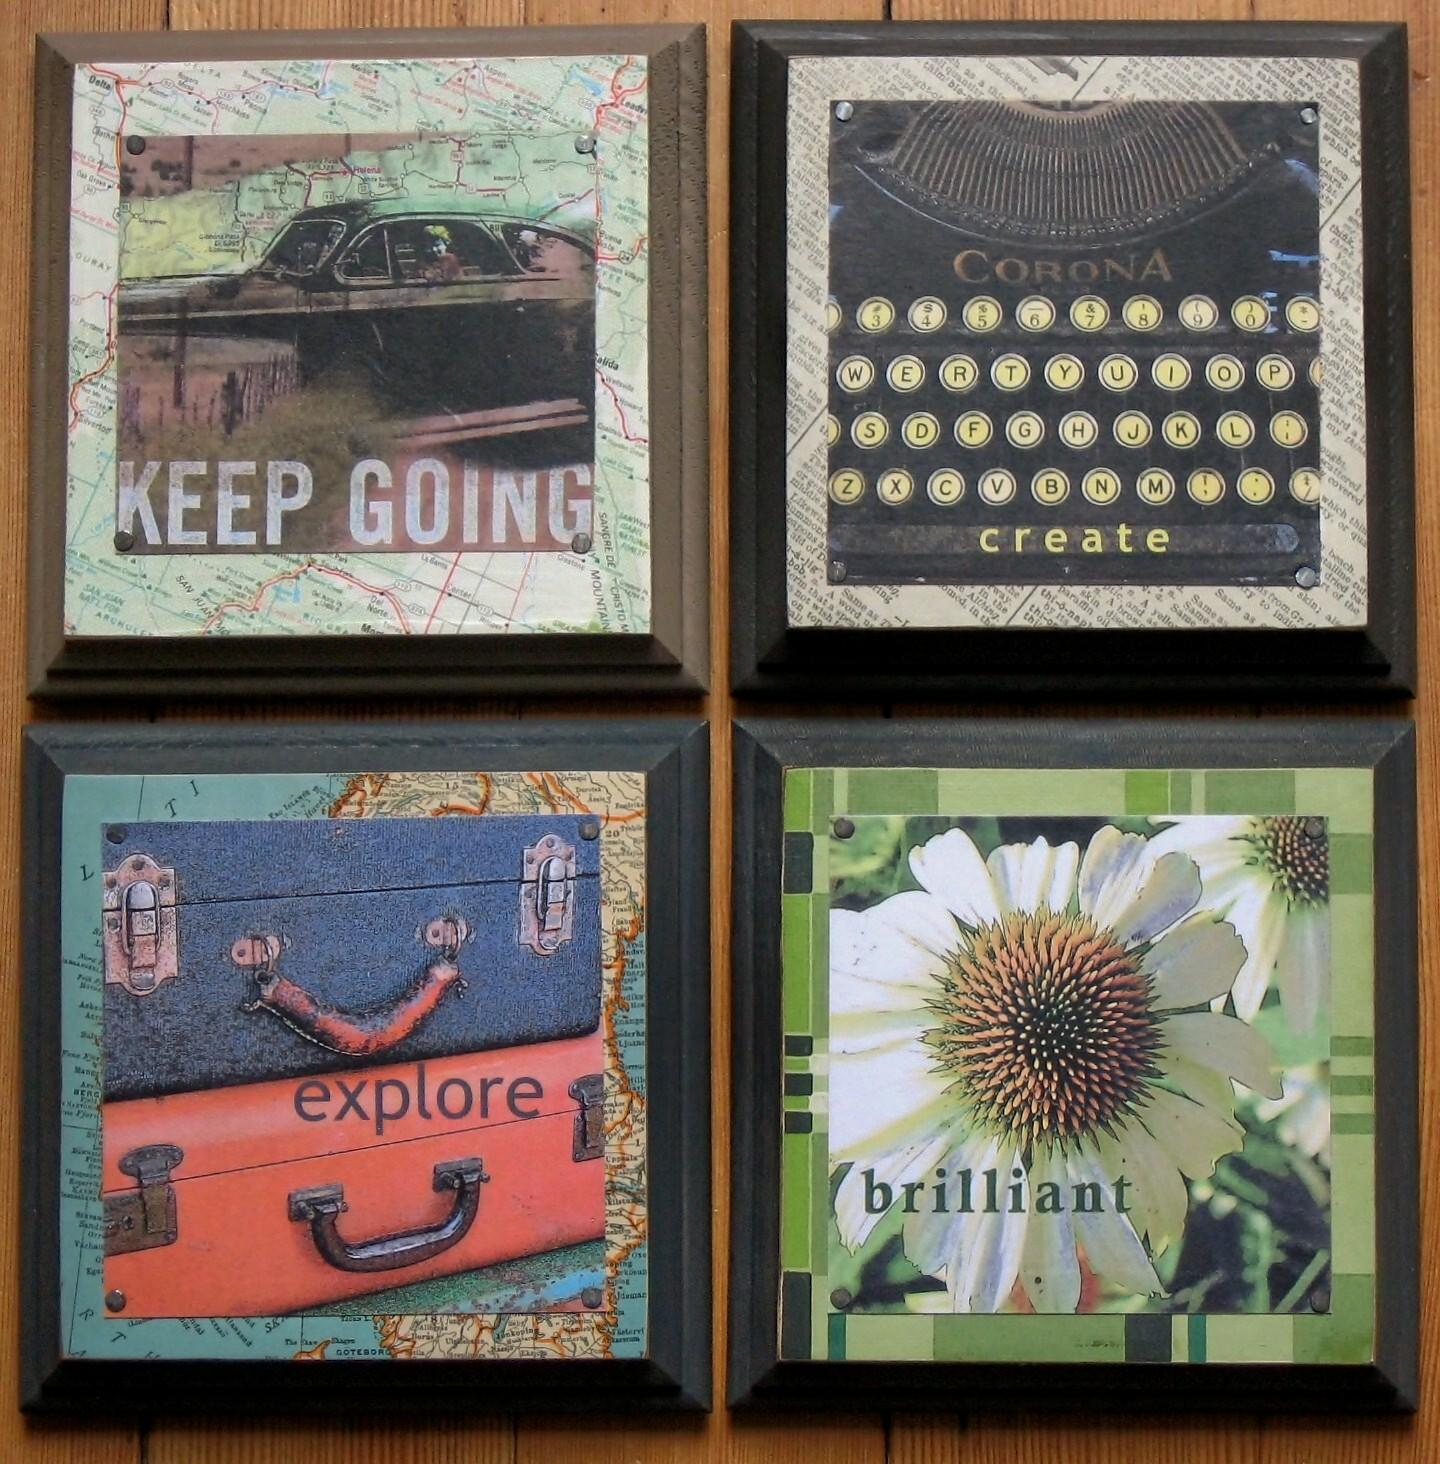 http://3.bp.blogspot.com/-EfMLXesZsZI/TiiBuwAanPI/AAAAAAAABx8/XvZl2iqiDWc/s1600/inspire%2Bsquares.JPG